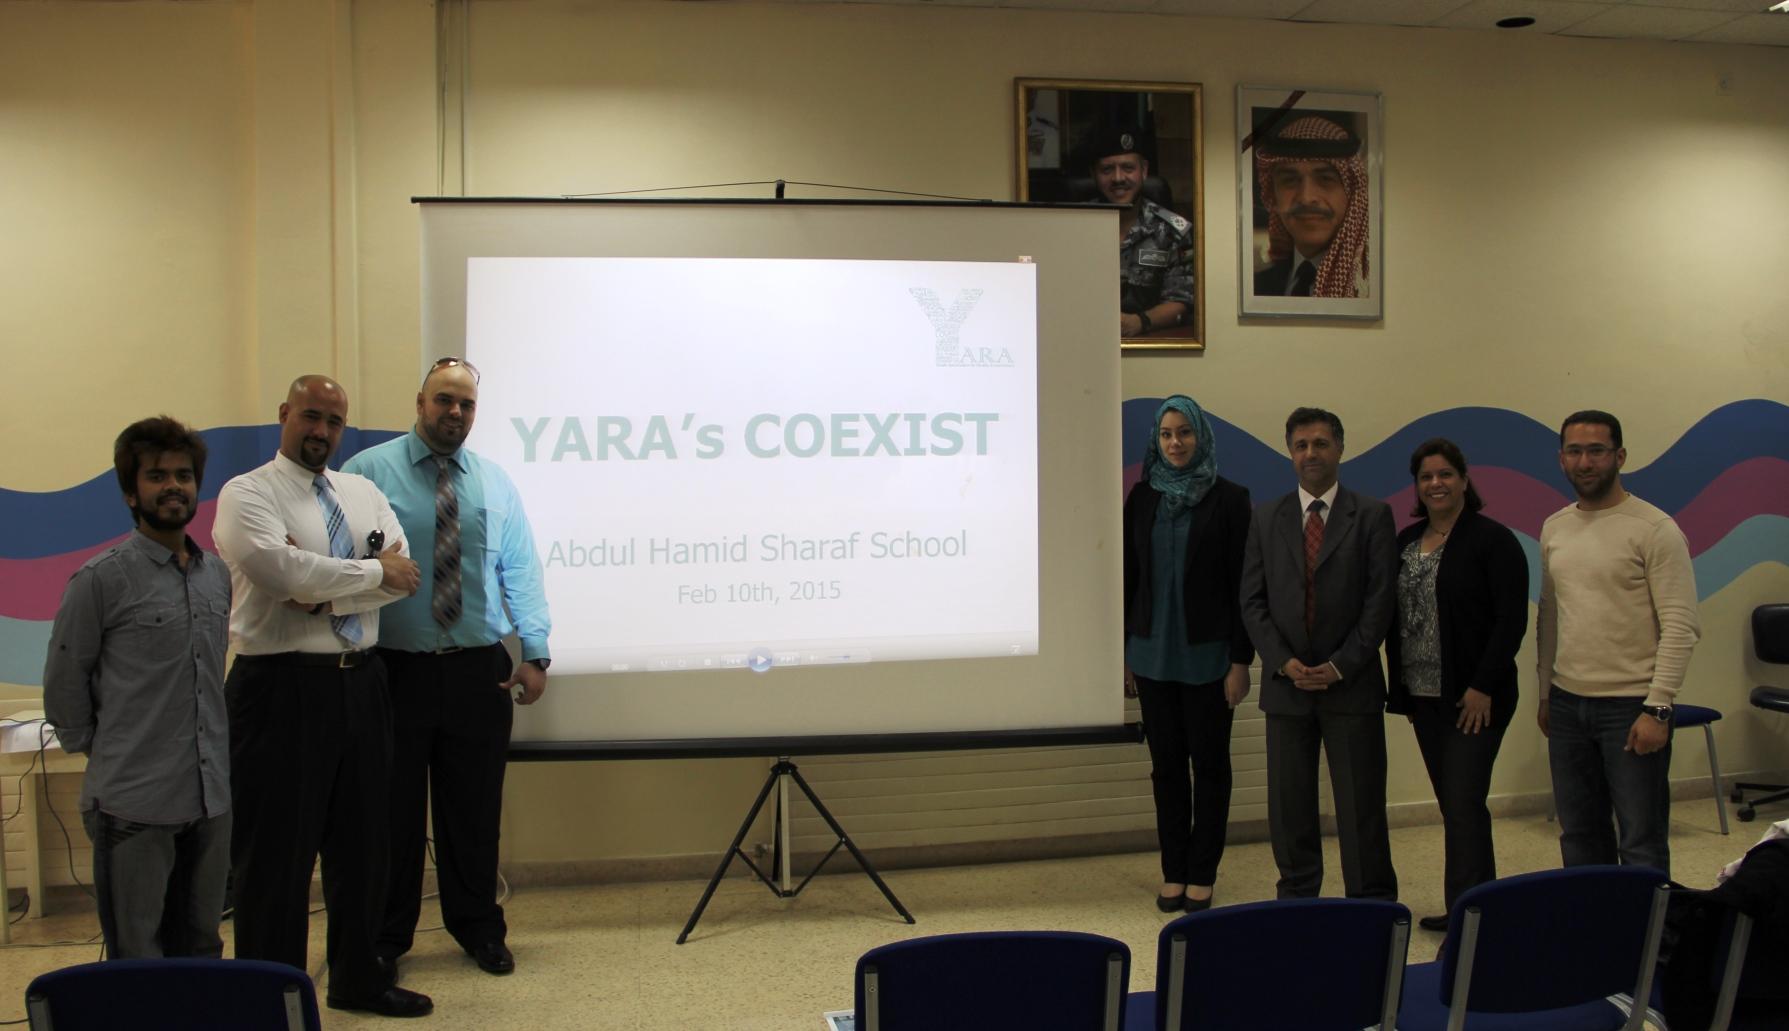 YARA's COEXIST 2015 (2).JPG